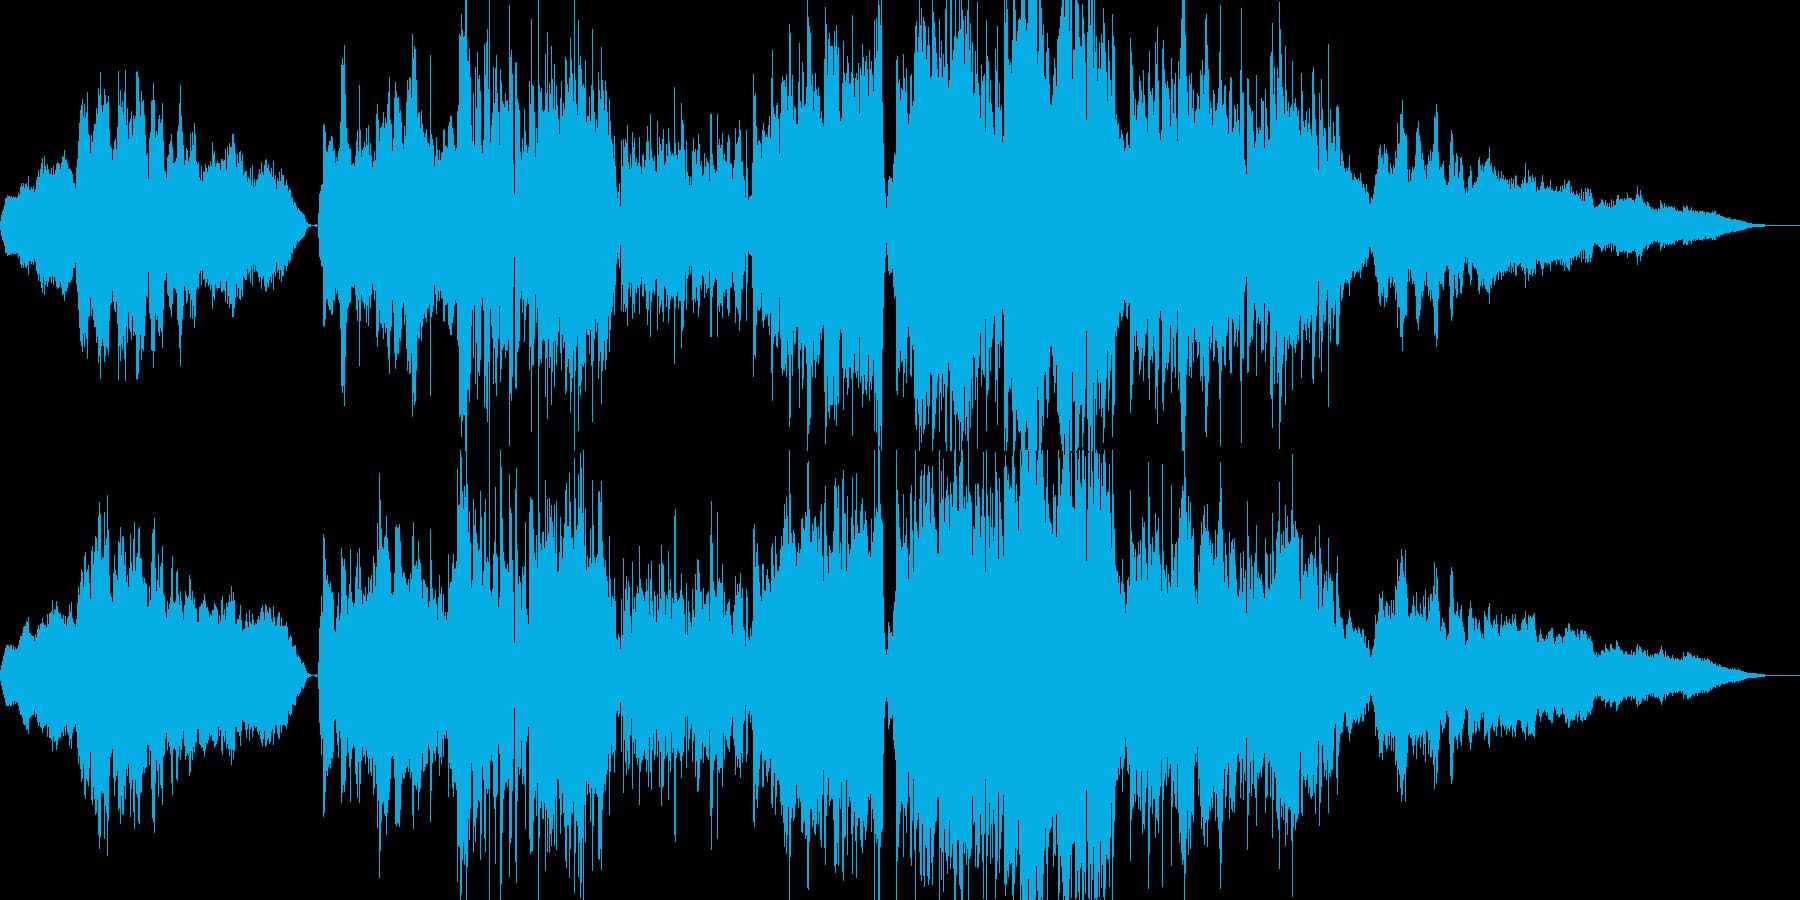 バイオリン旋律の温かく優しいバラードの再生済みの波形